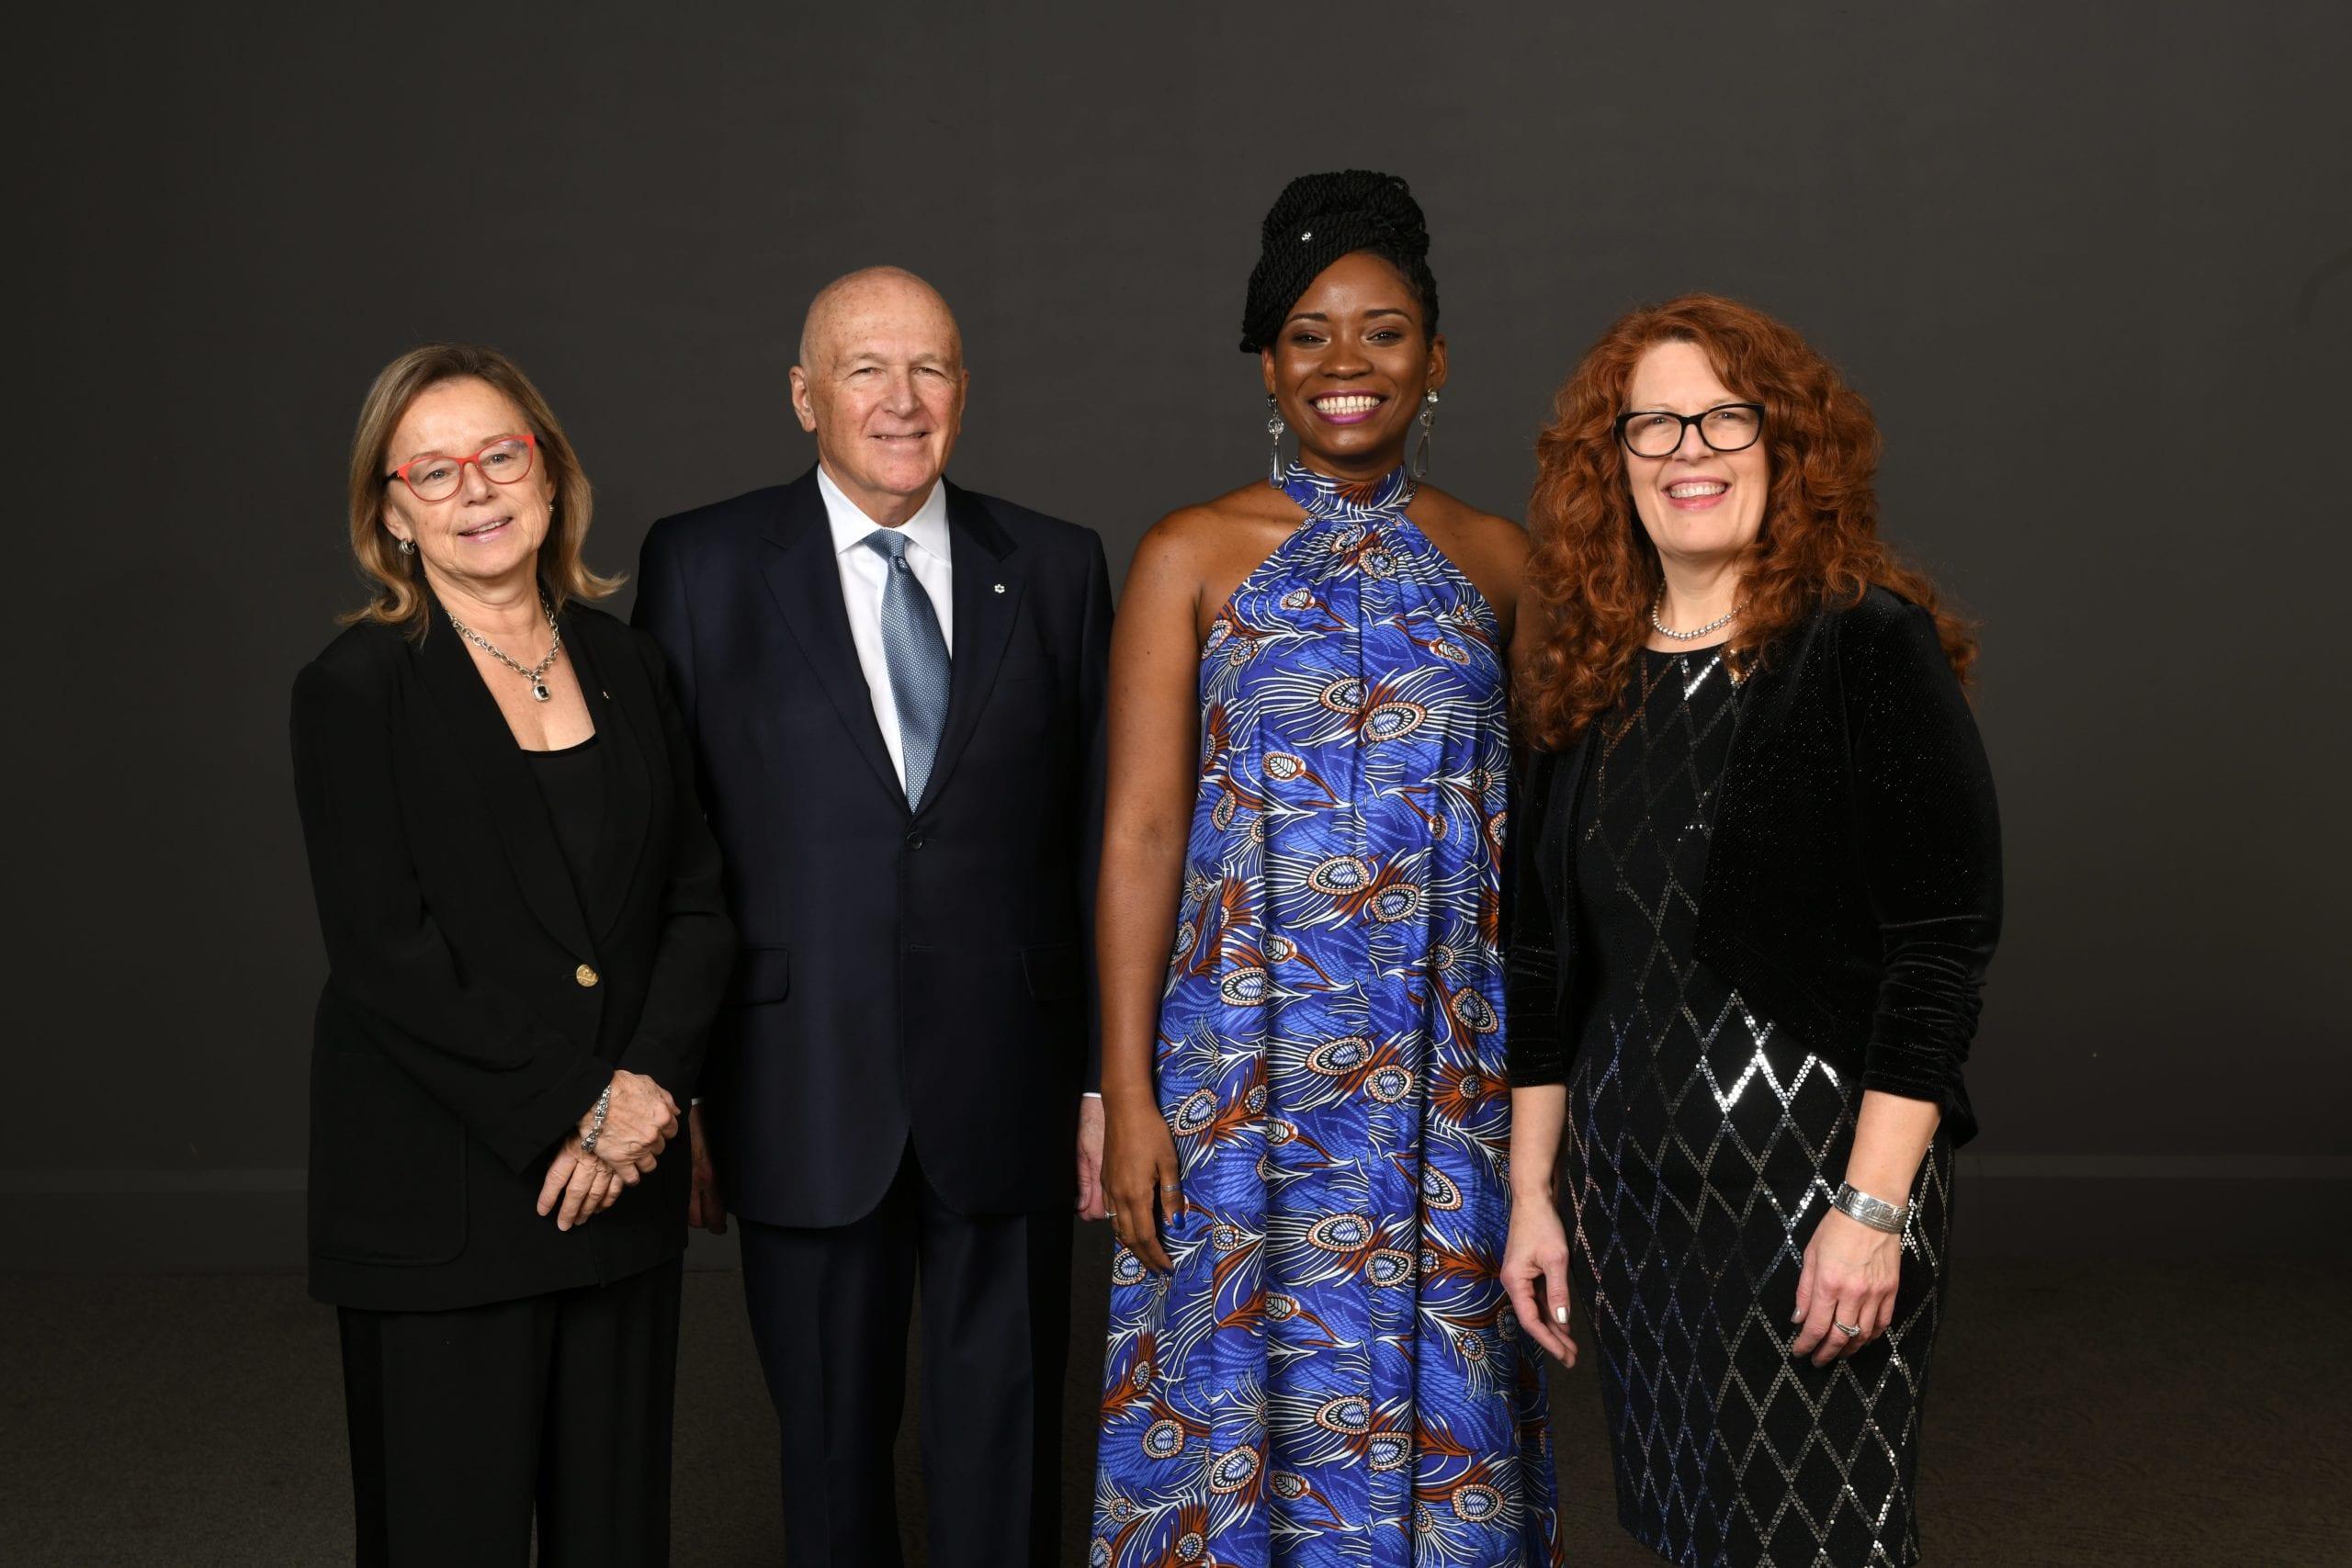 Annual awards gala celebrates impact of York University alumni